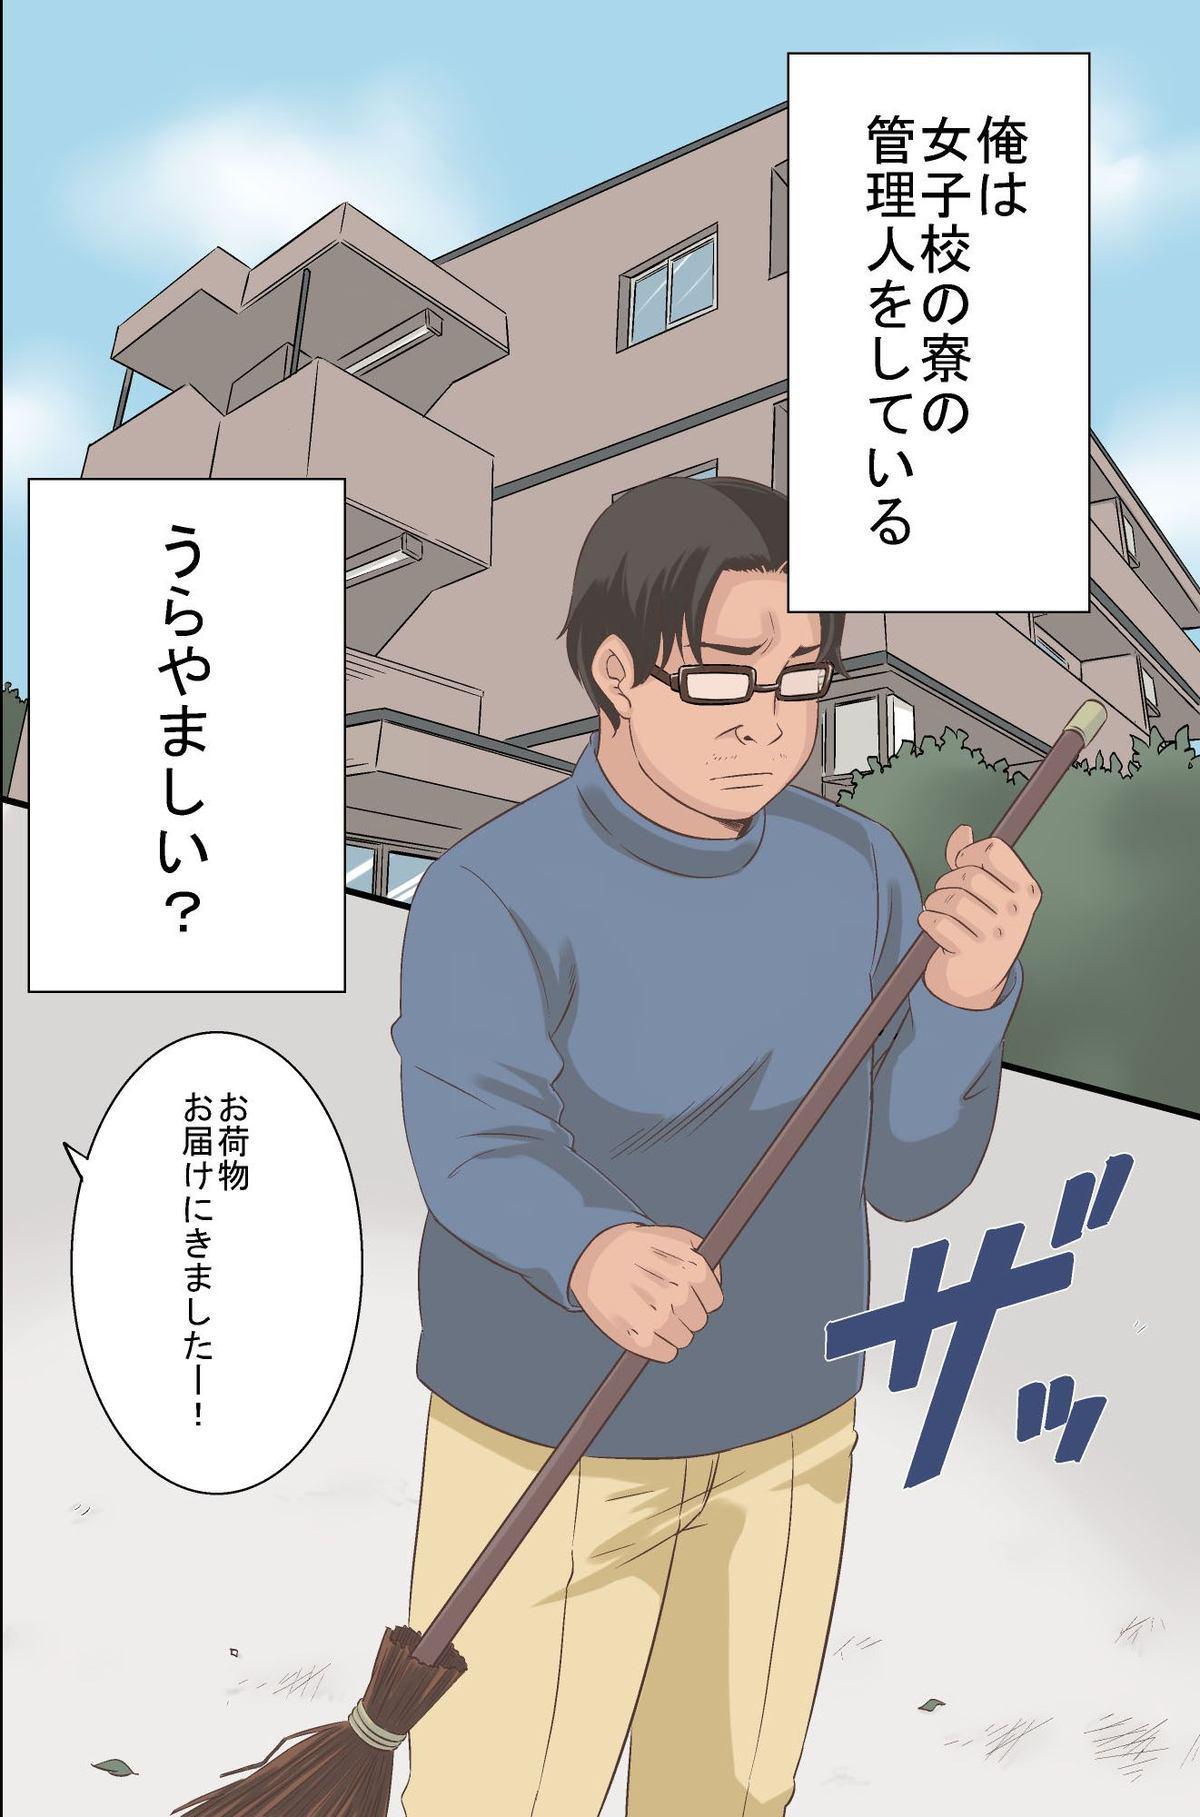 [rbooks (kumikouj)] Joshiryou no Onna-tachi ga Zombie-ka shita no de Hokaku shite Okashimakutte Ore dake no Juujun Pet ni Shite mita 1